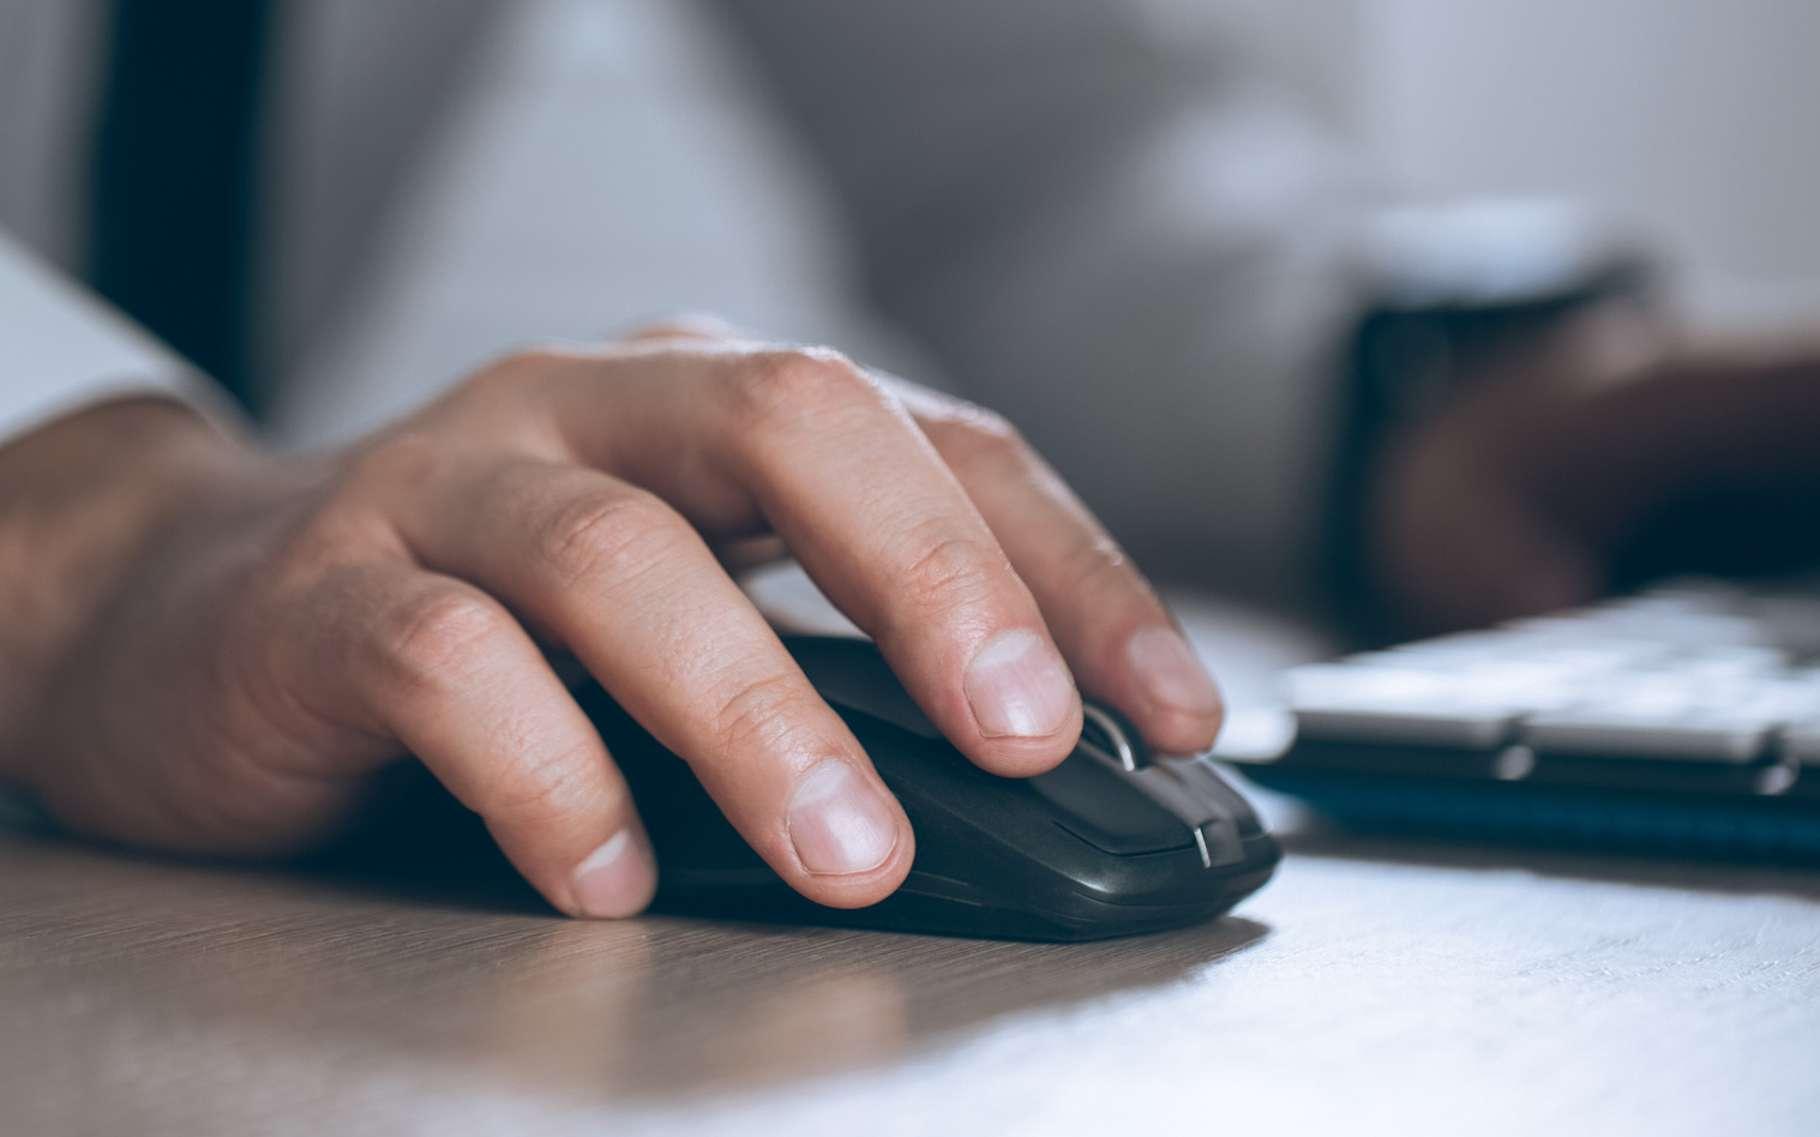 La souris est un système de pointage qui nous permet d'exploiter pleinement les capacités de notre ordinateur. © sibashouse, Fotolia